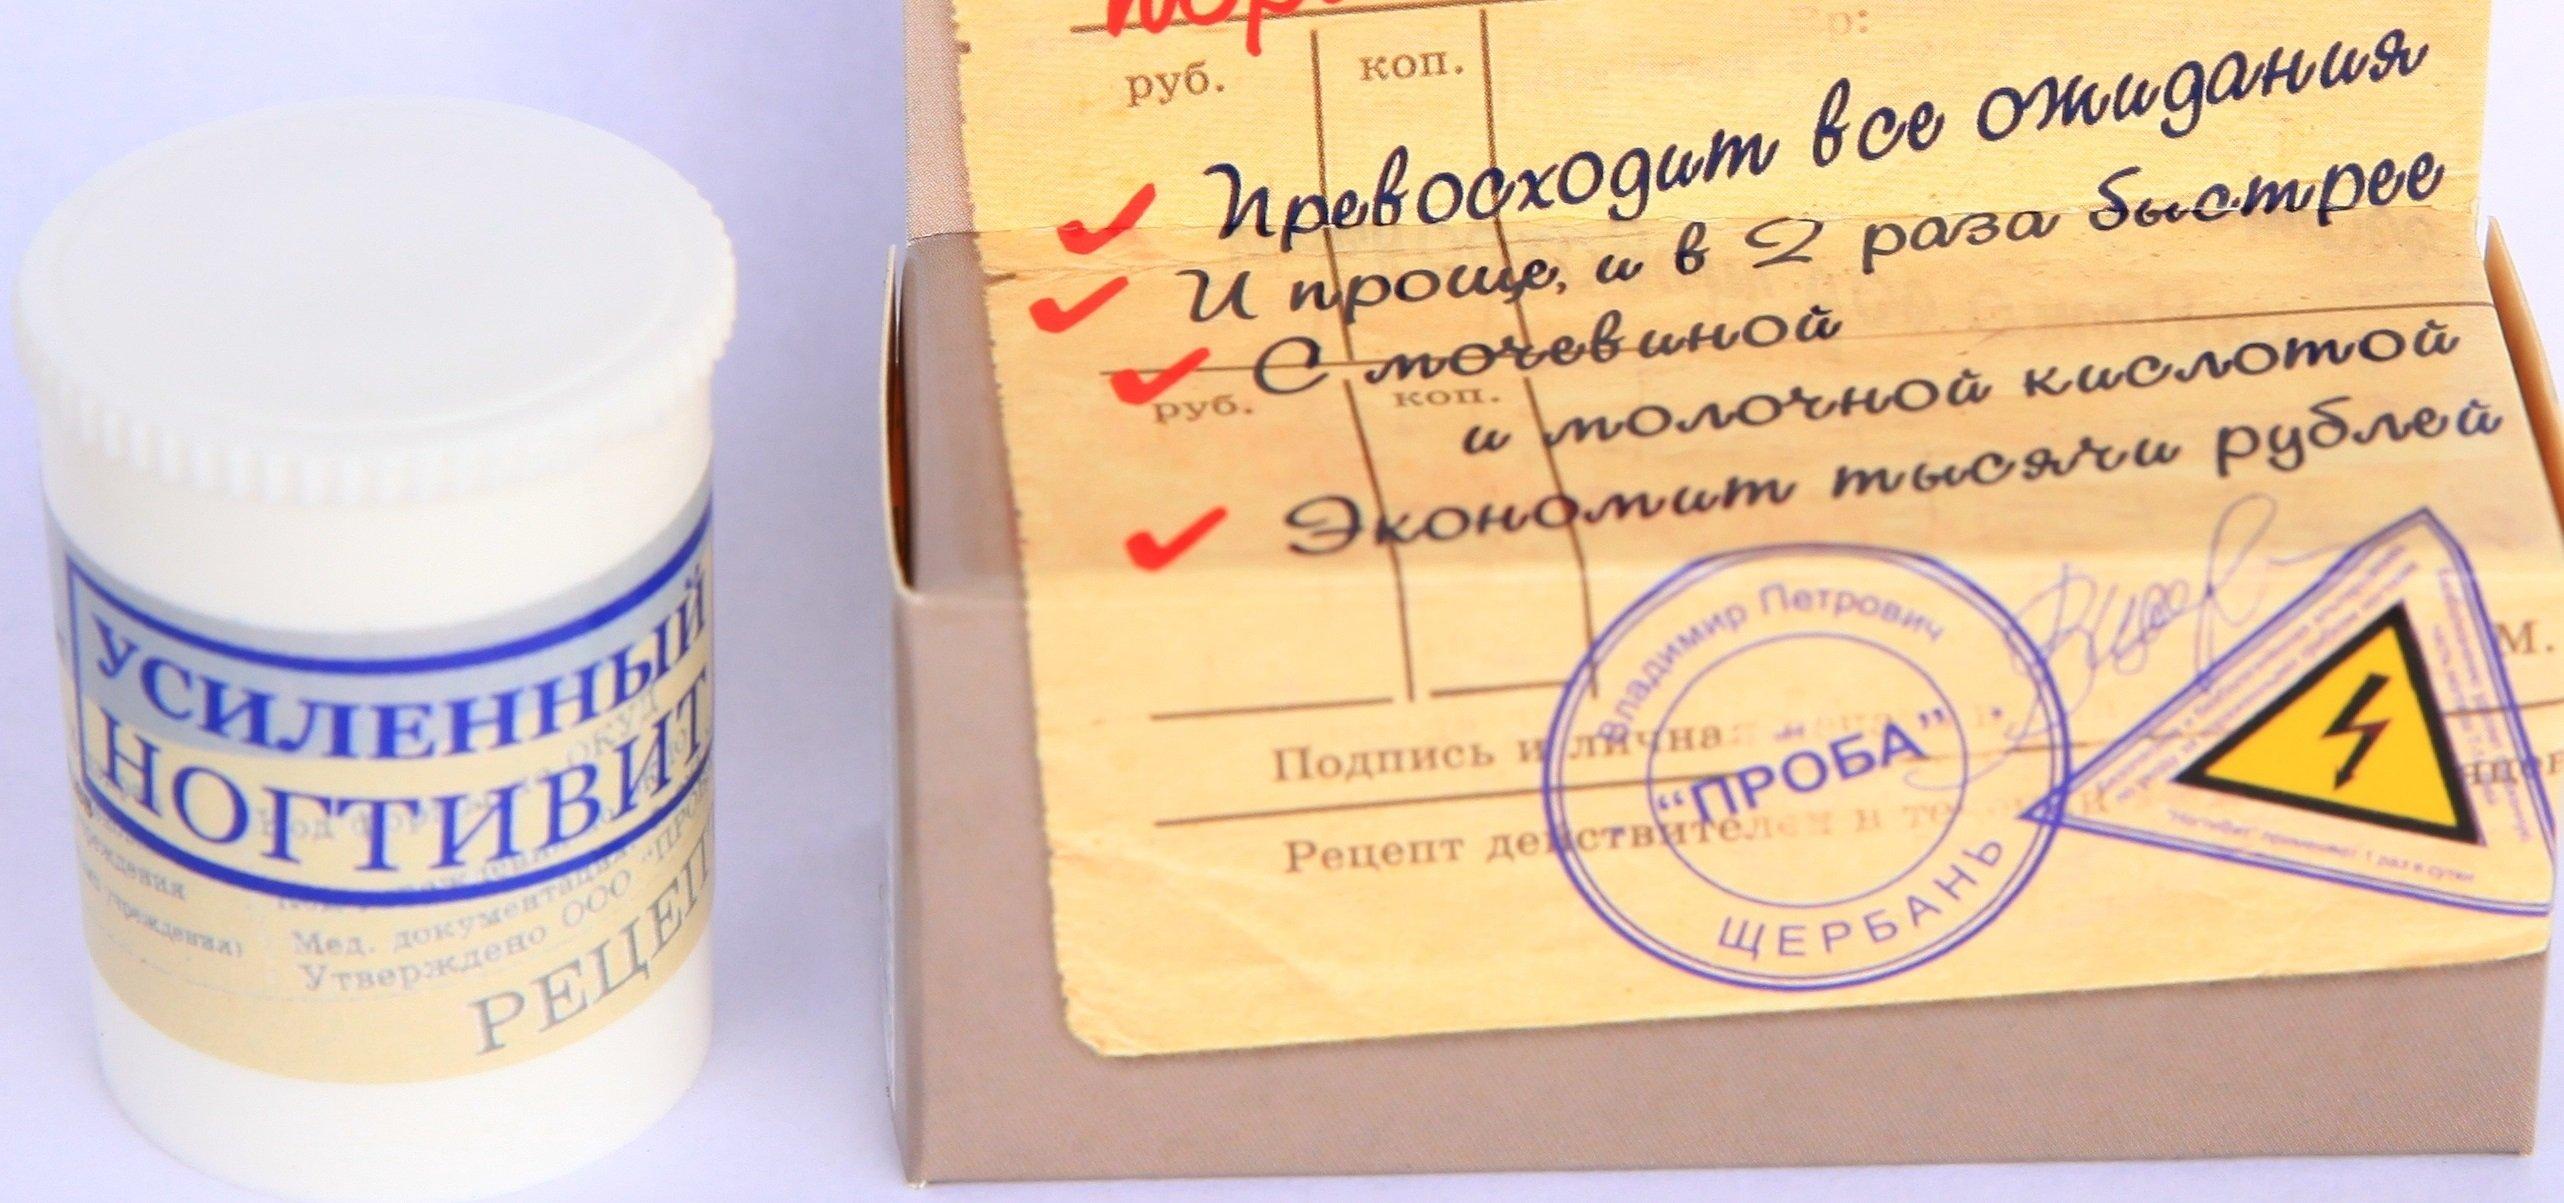 Состав и форма выпуска Ногтивита